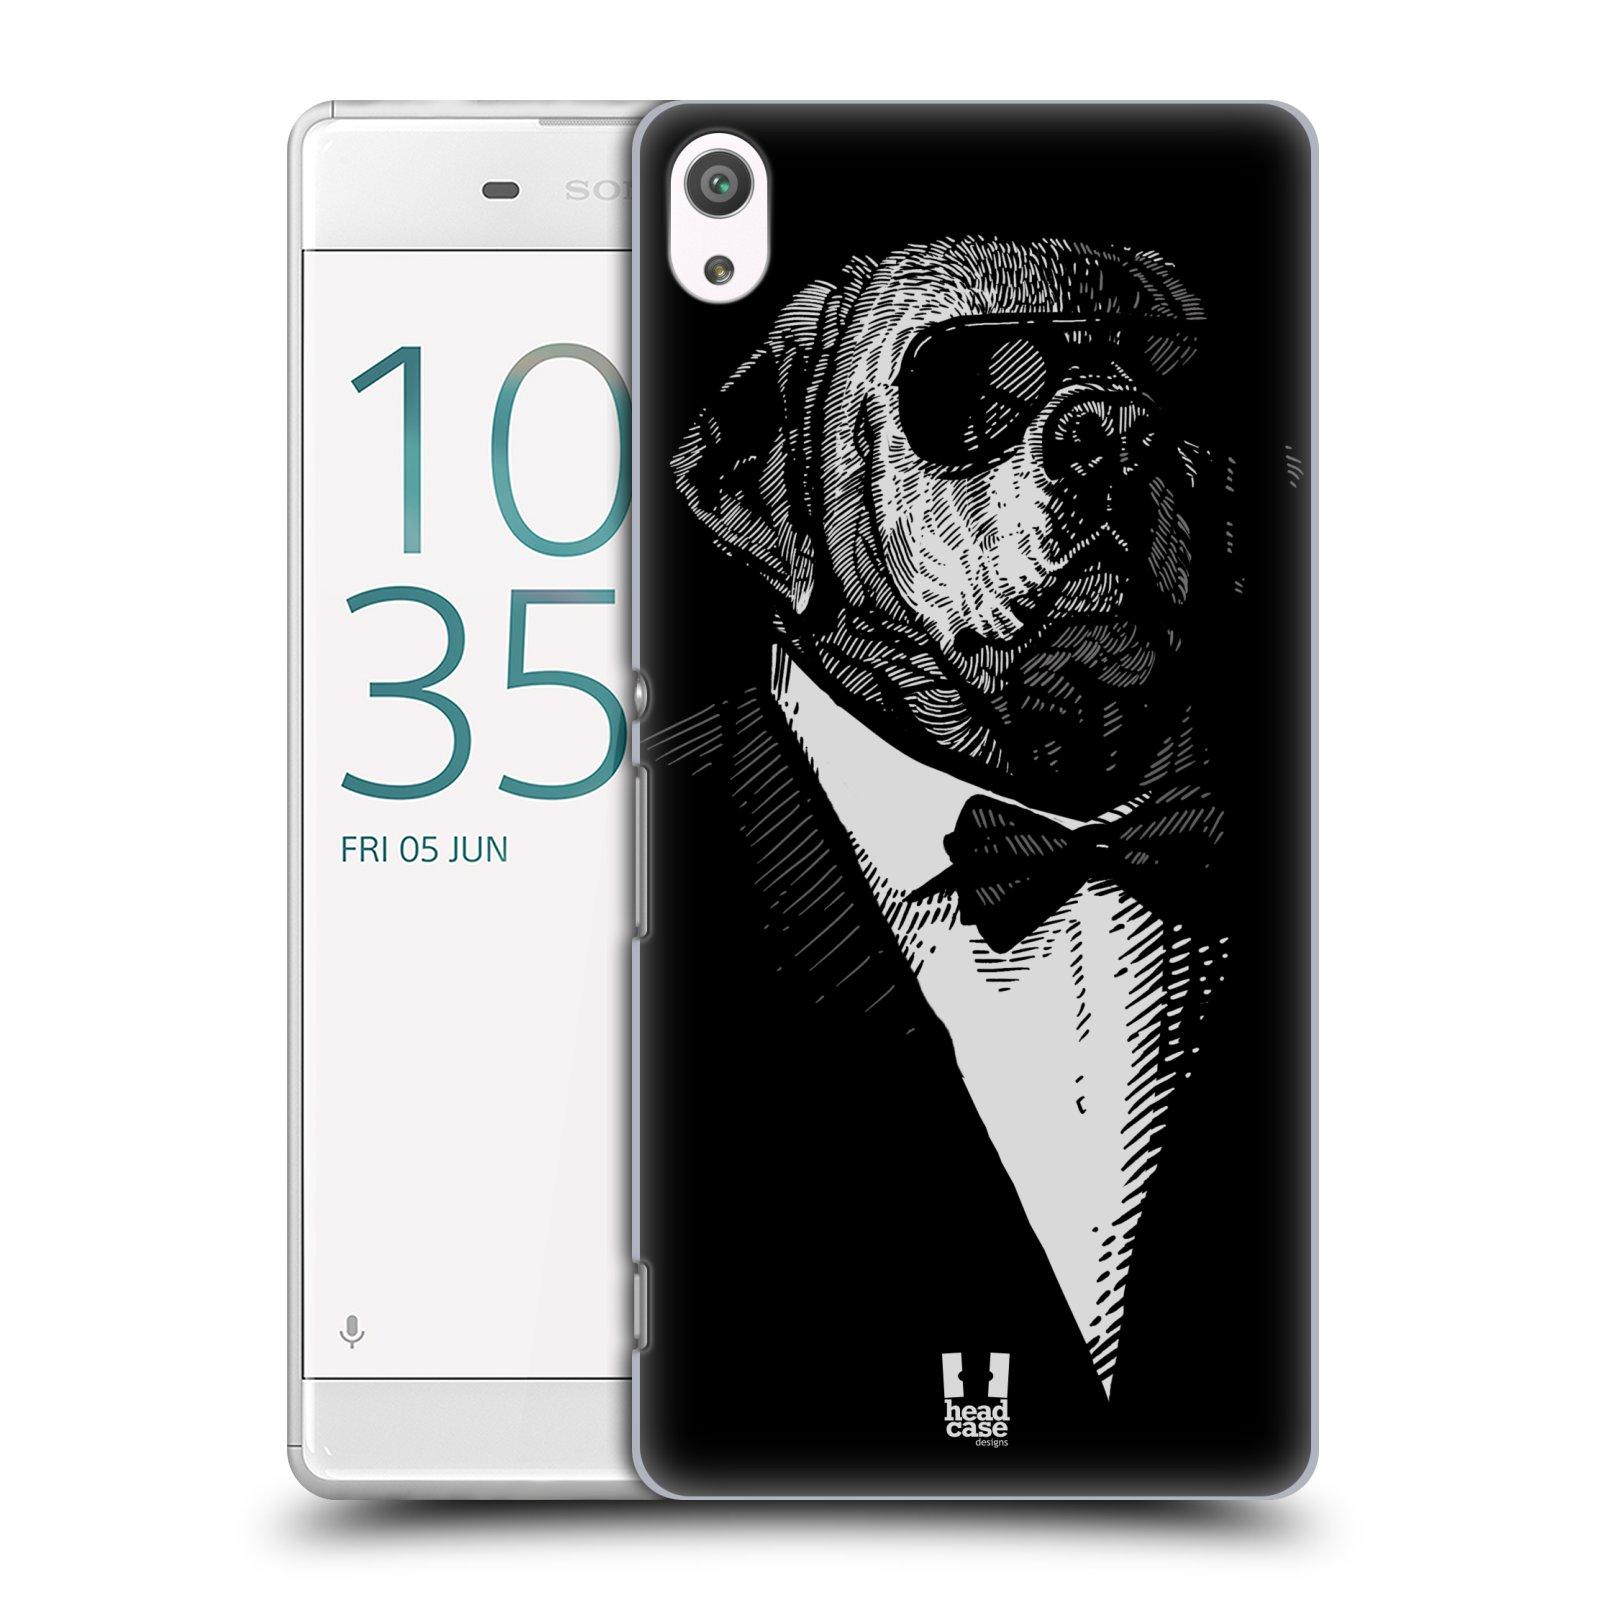 Plastové pouzdro na mobil Sony Xperia XA Ultra HEAD CASE PSISKO V KVÁDRU (Plastový kryt či obal na mobilní telefon Sony Xperia XA Ultra F3211)